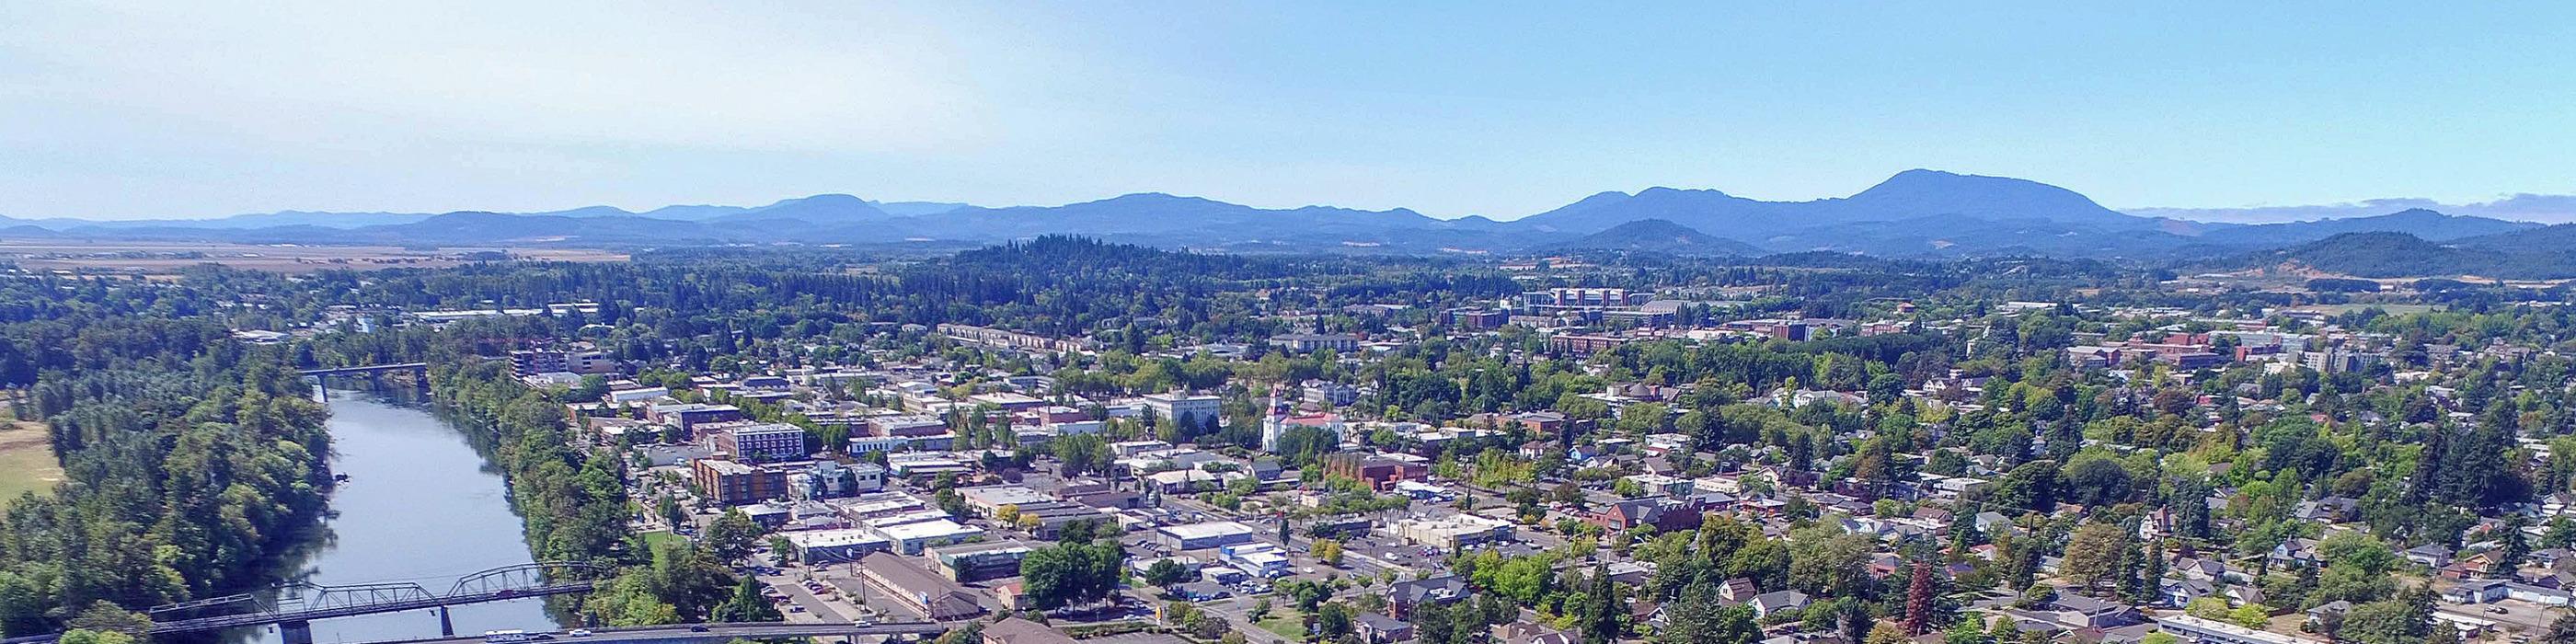 Dating Corvallis Oregon